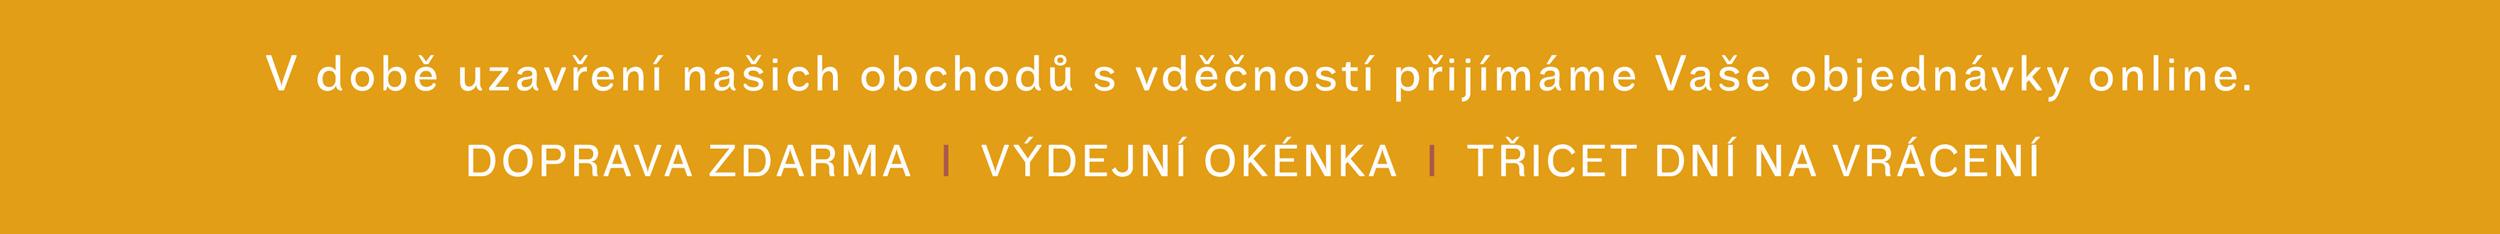 02_info-banner.jpg